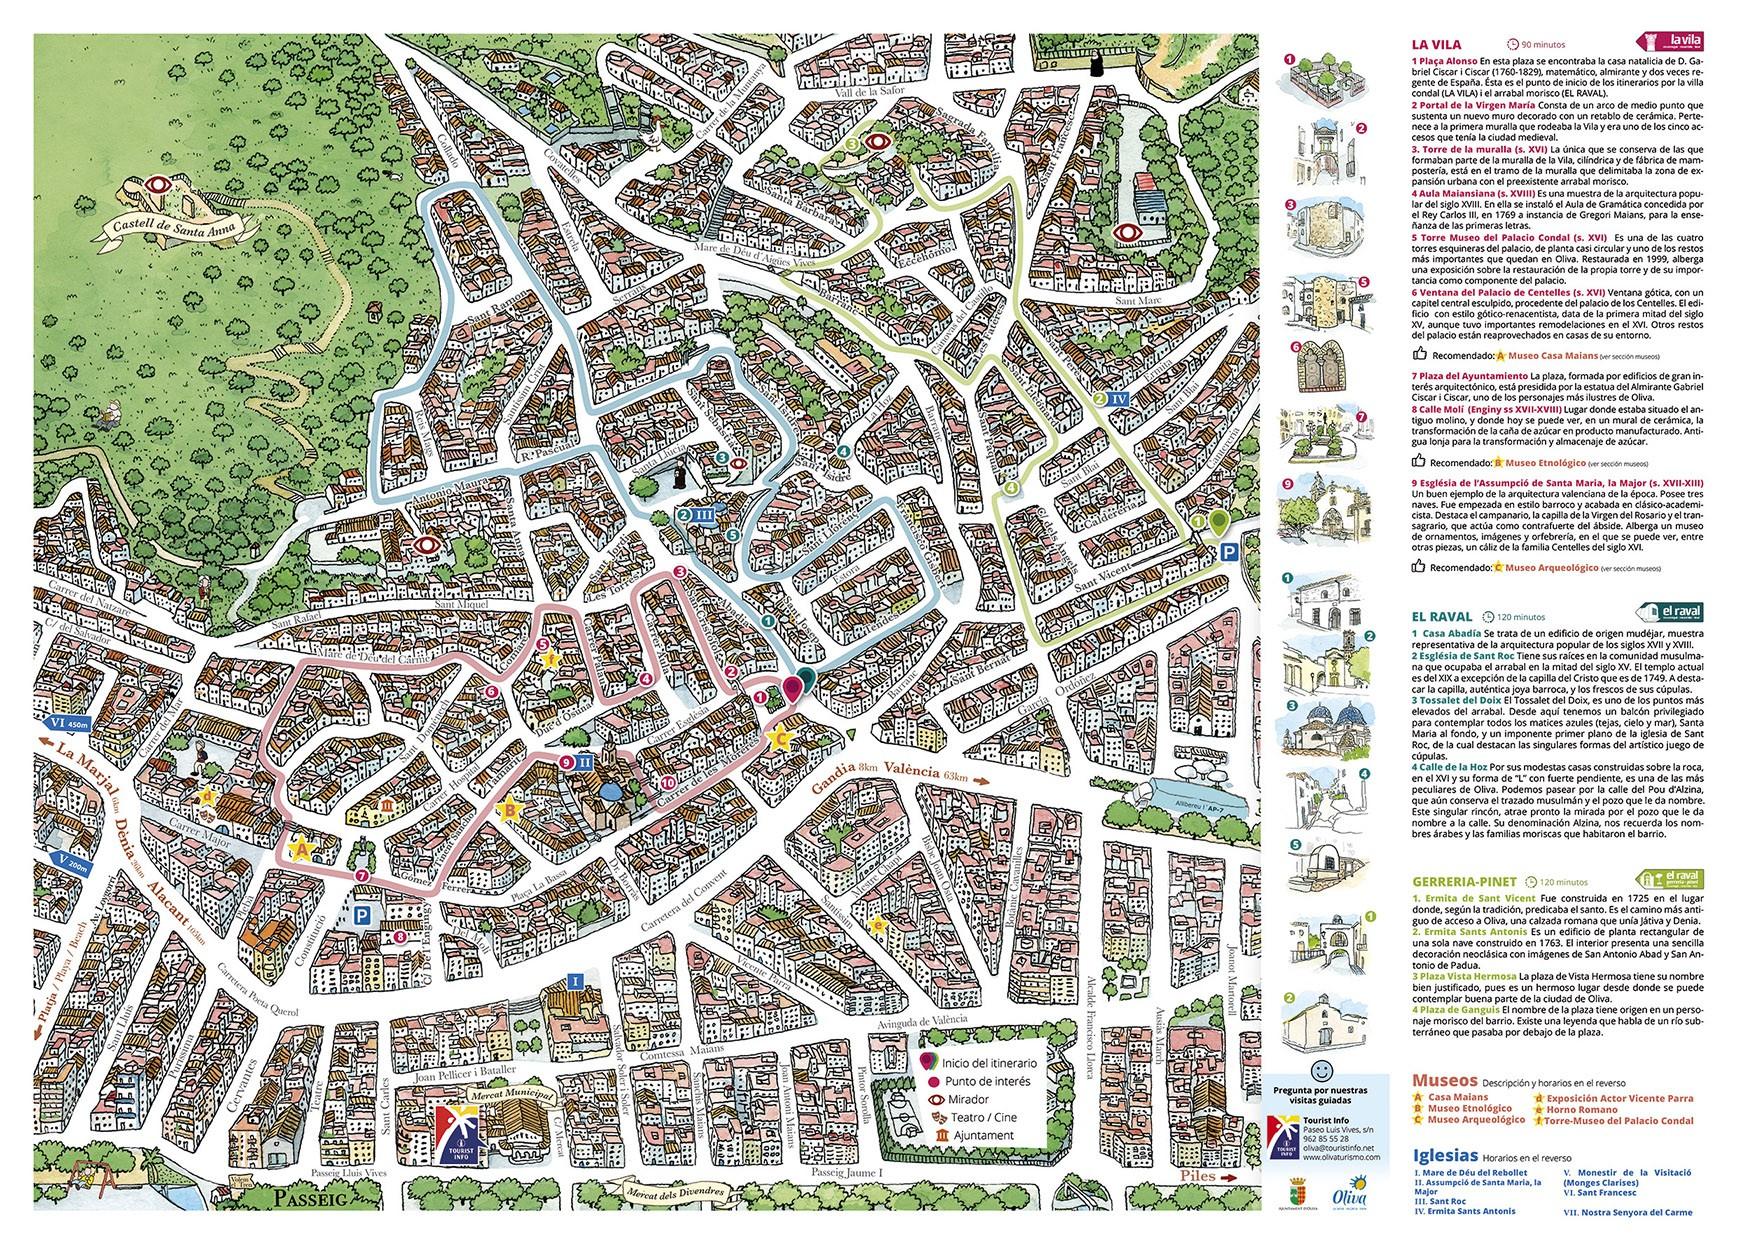 Plano de un mapa dibujado del Centro Histórico del municipio de Oliva en La Safor, Valencia. DIseño de mapas artesanales. Acuarela y tinta.